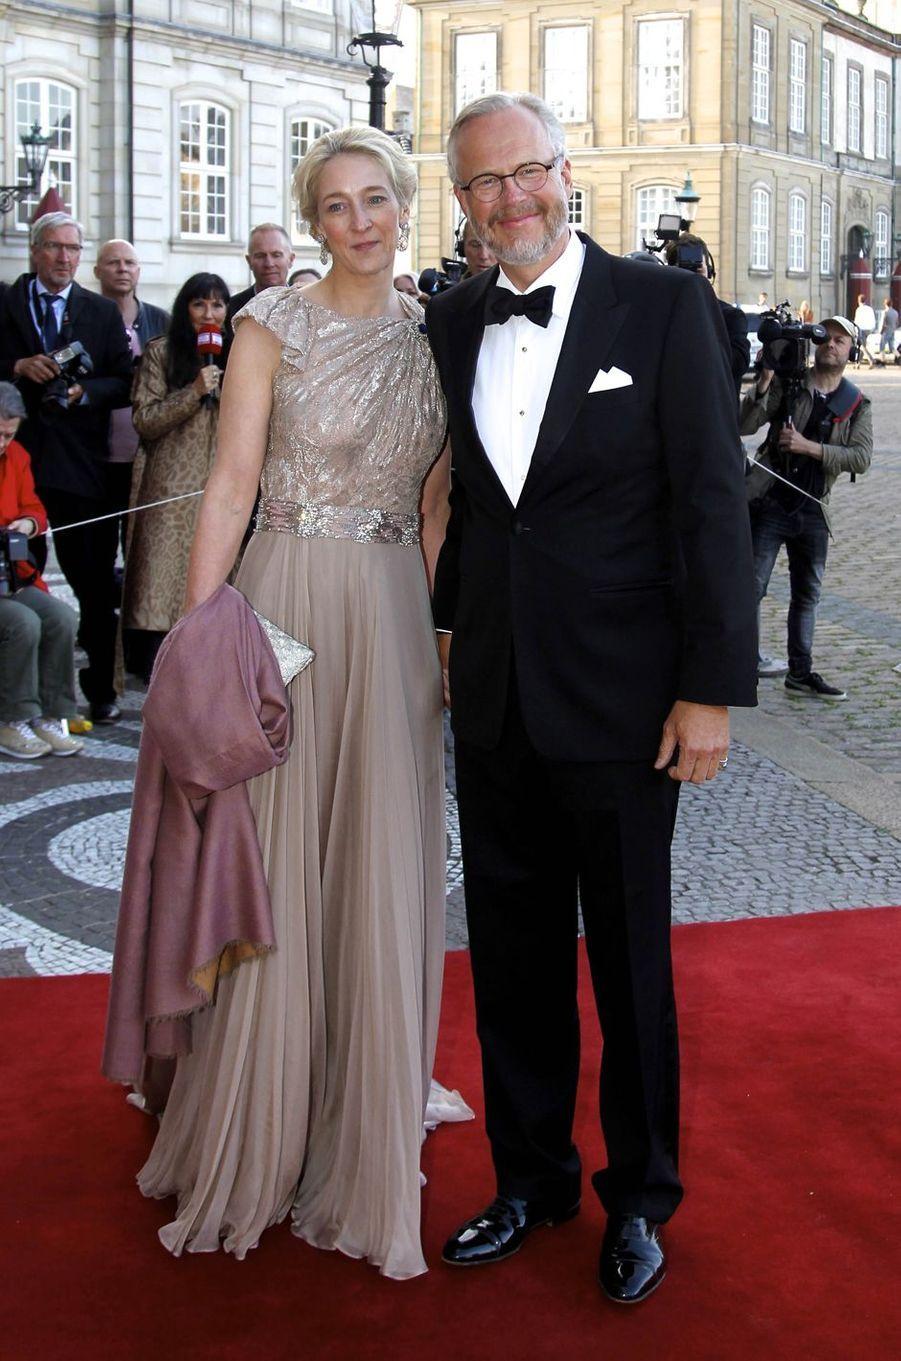 La princesse Alexandra von Sayn-Wittgenstein-Berleburg et son mari le comte Michael Ahlefeldt-Laurvig-Bille, à Copenhague le 7 juin 2019